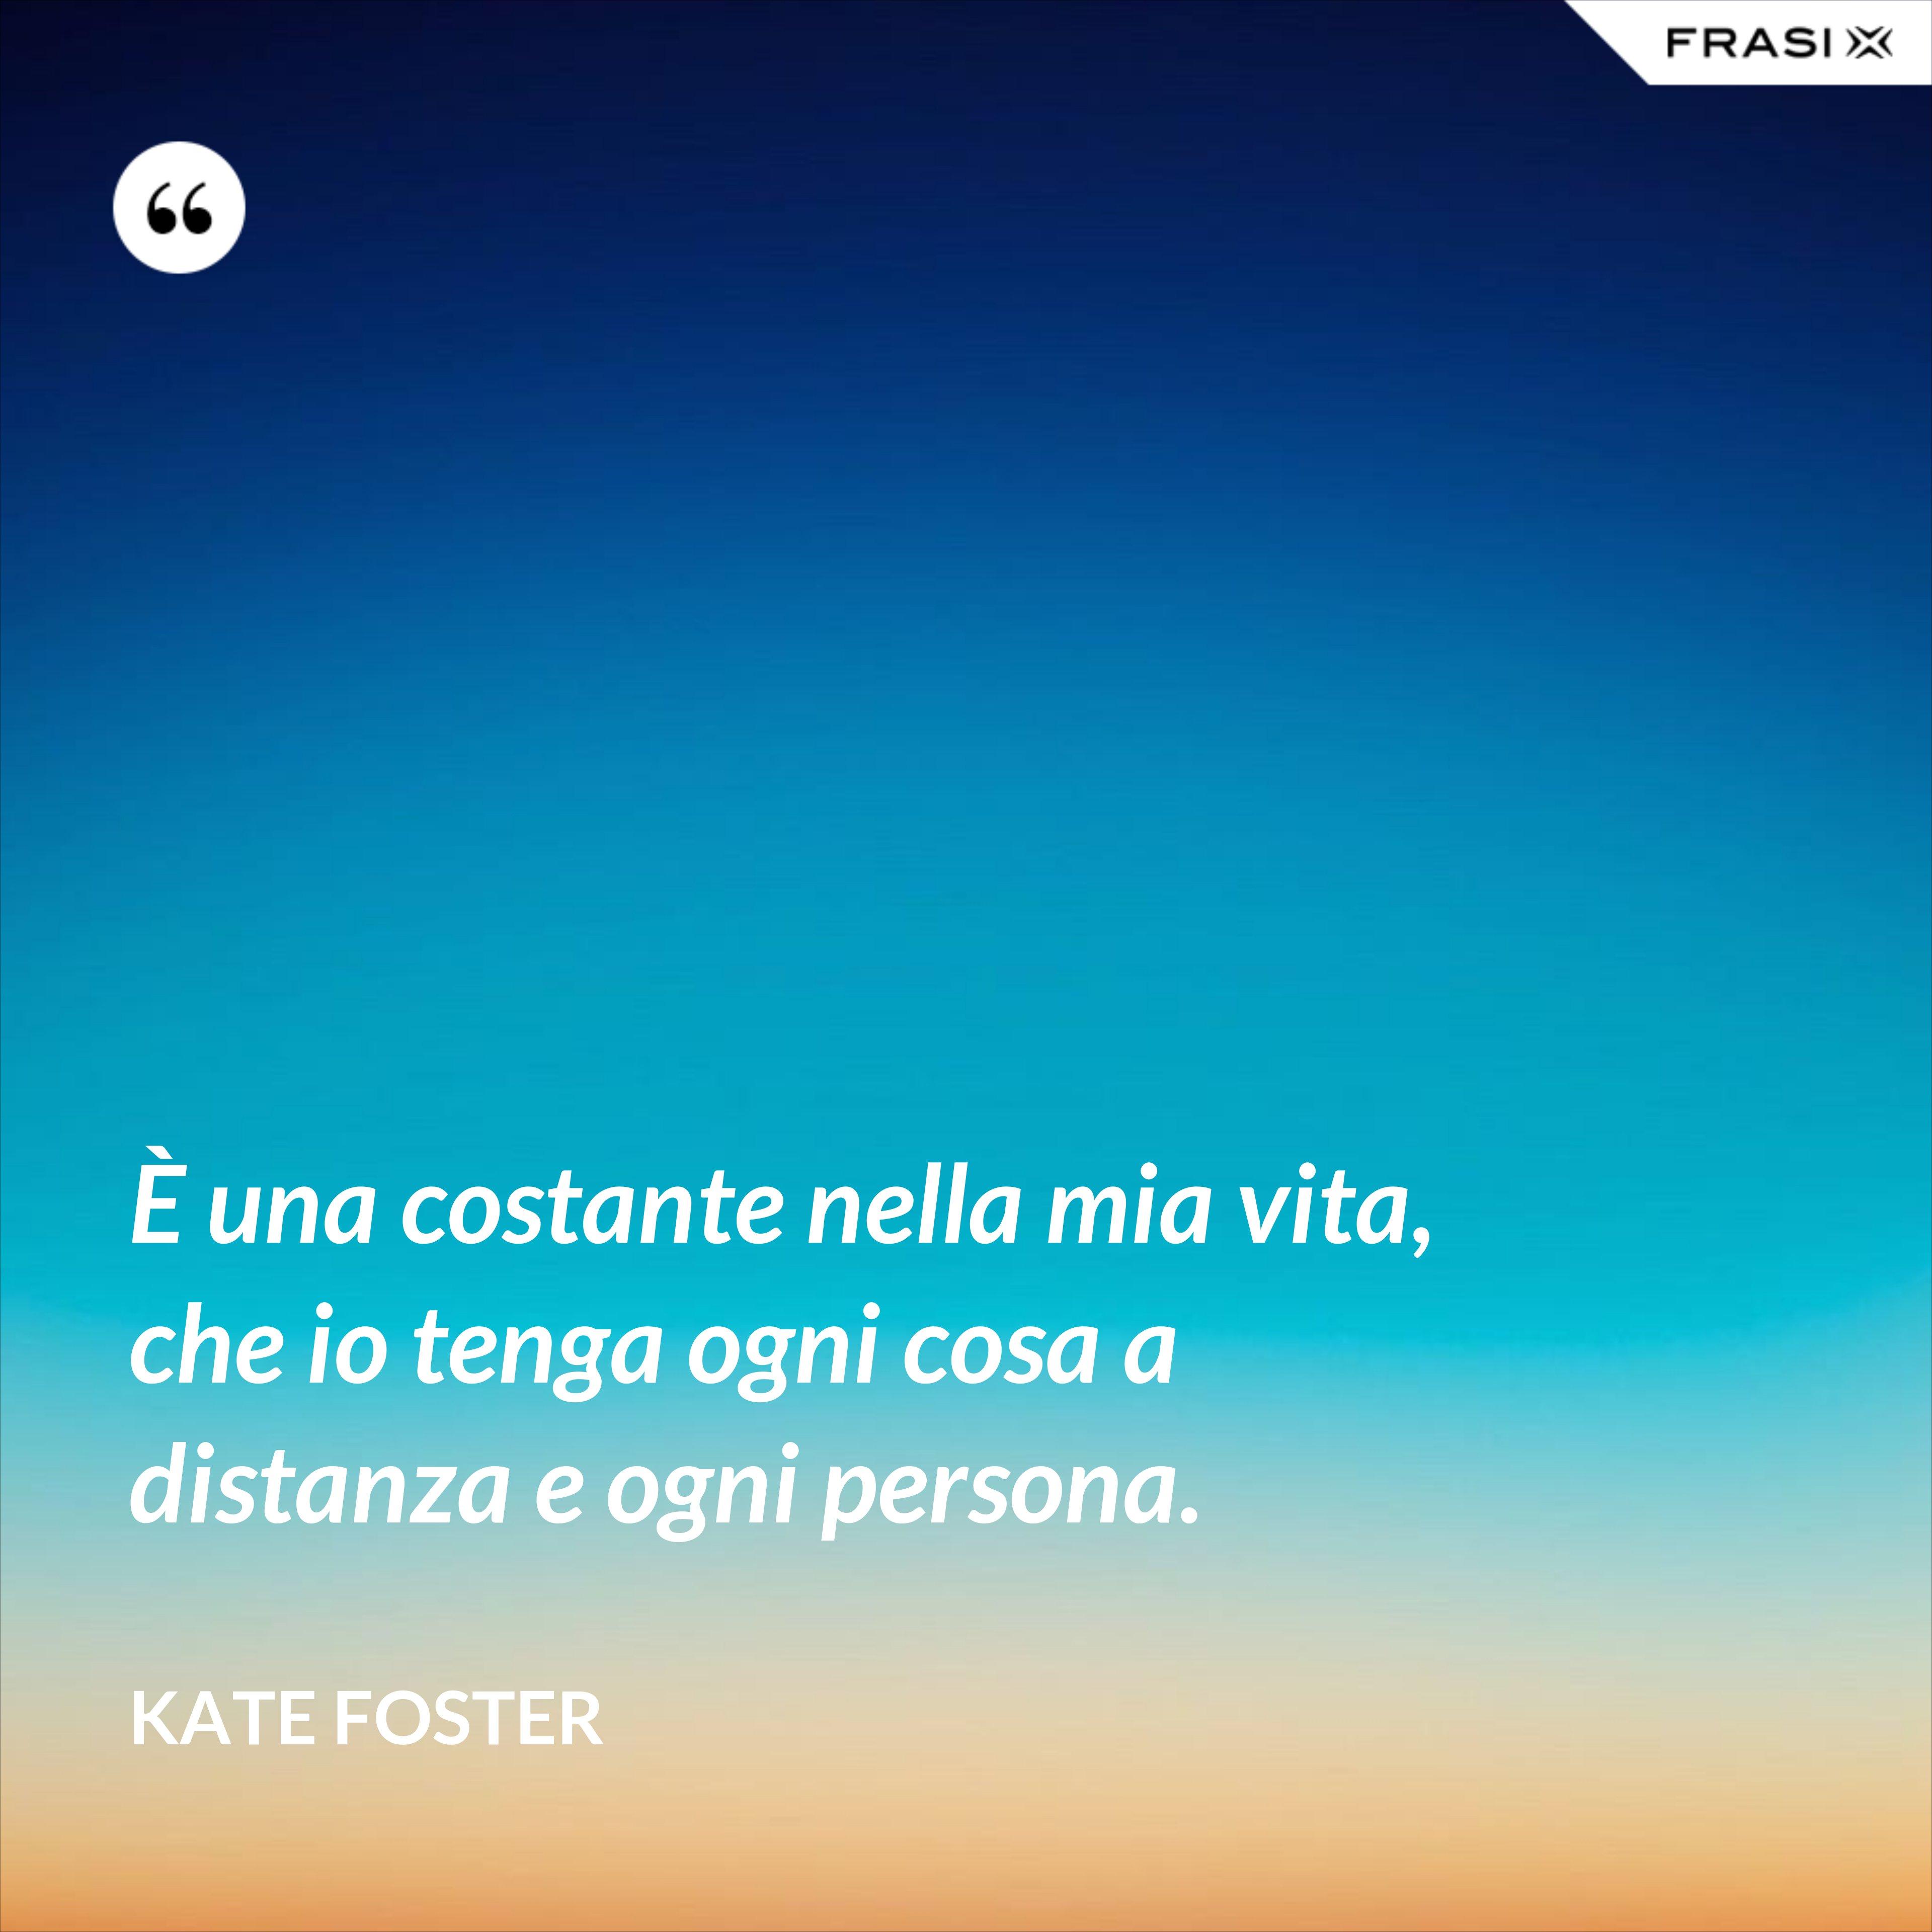 È una costante nella mia vita, che io tenga ogni cosa a distanza e ogni persona. - Kate Foster